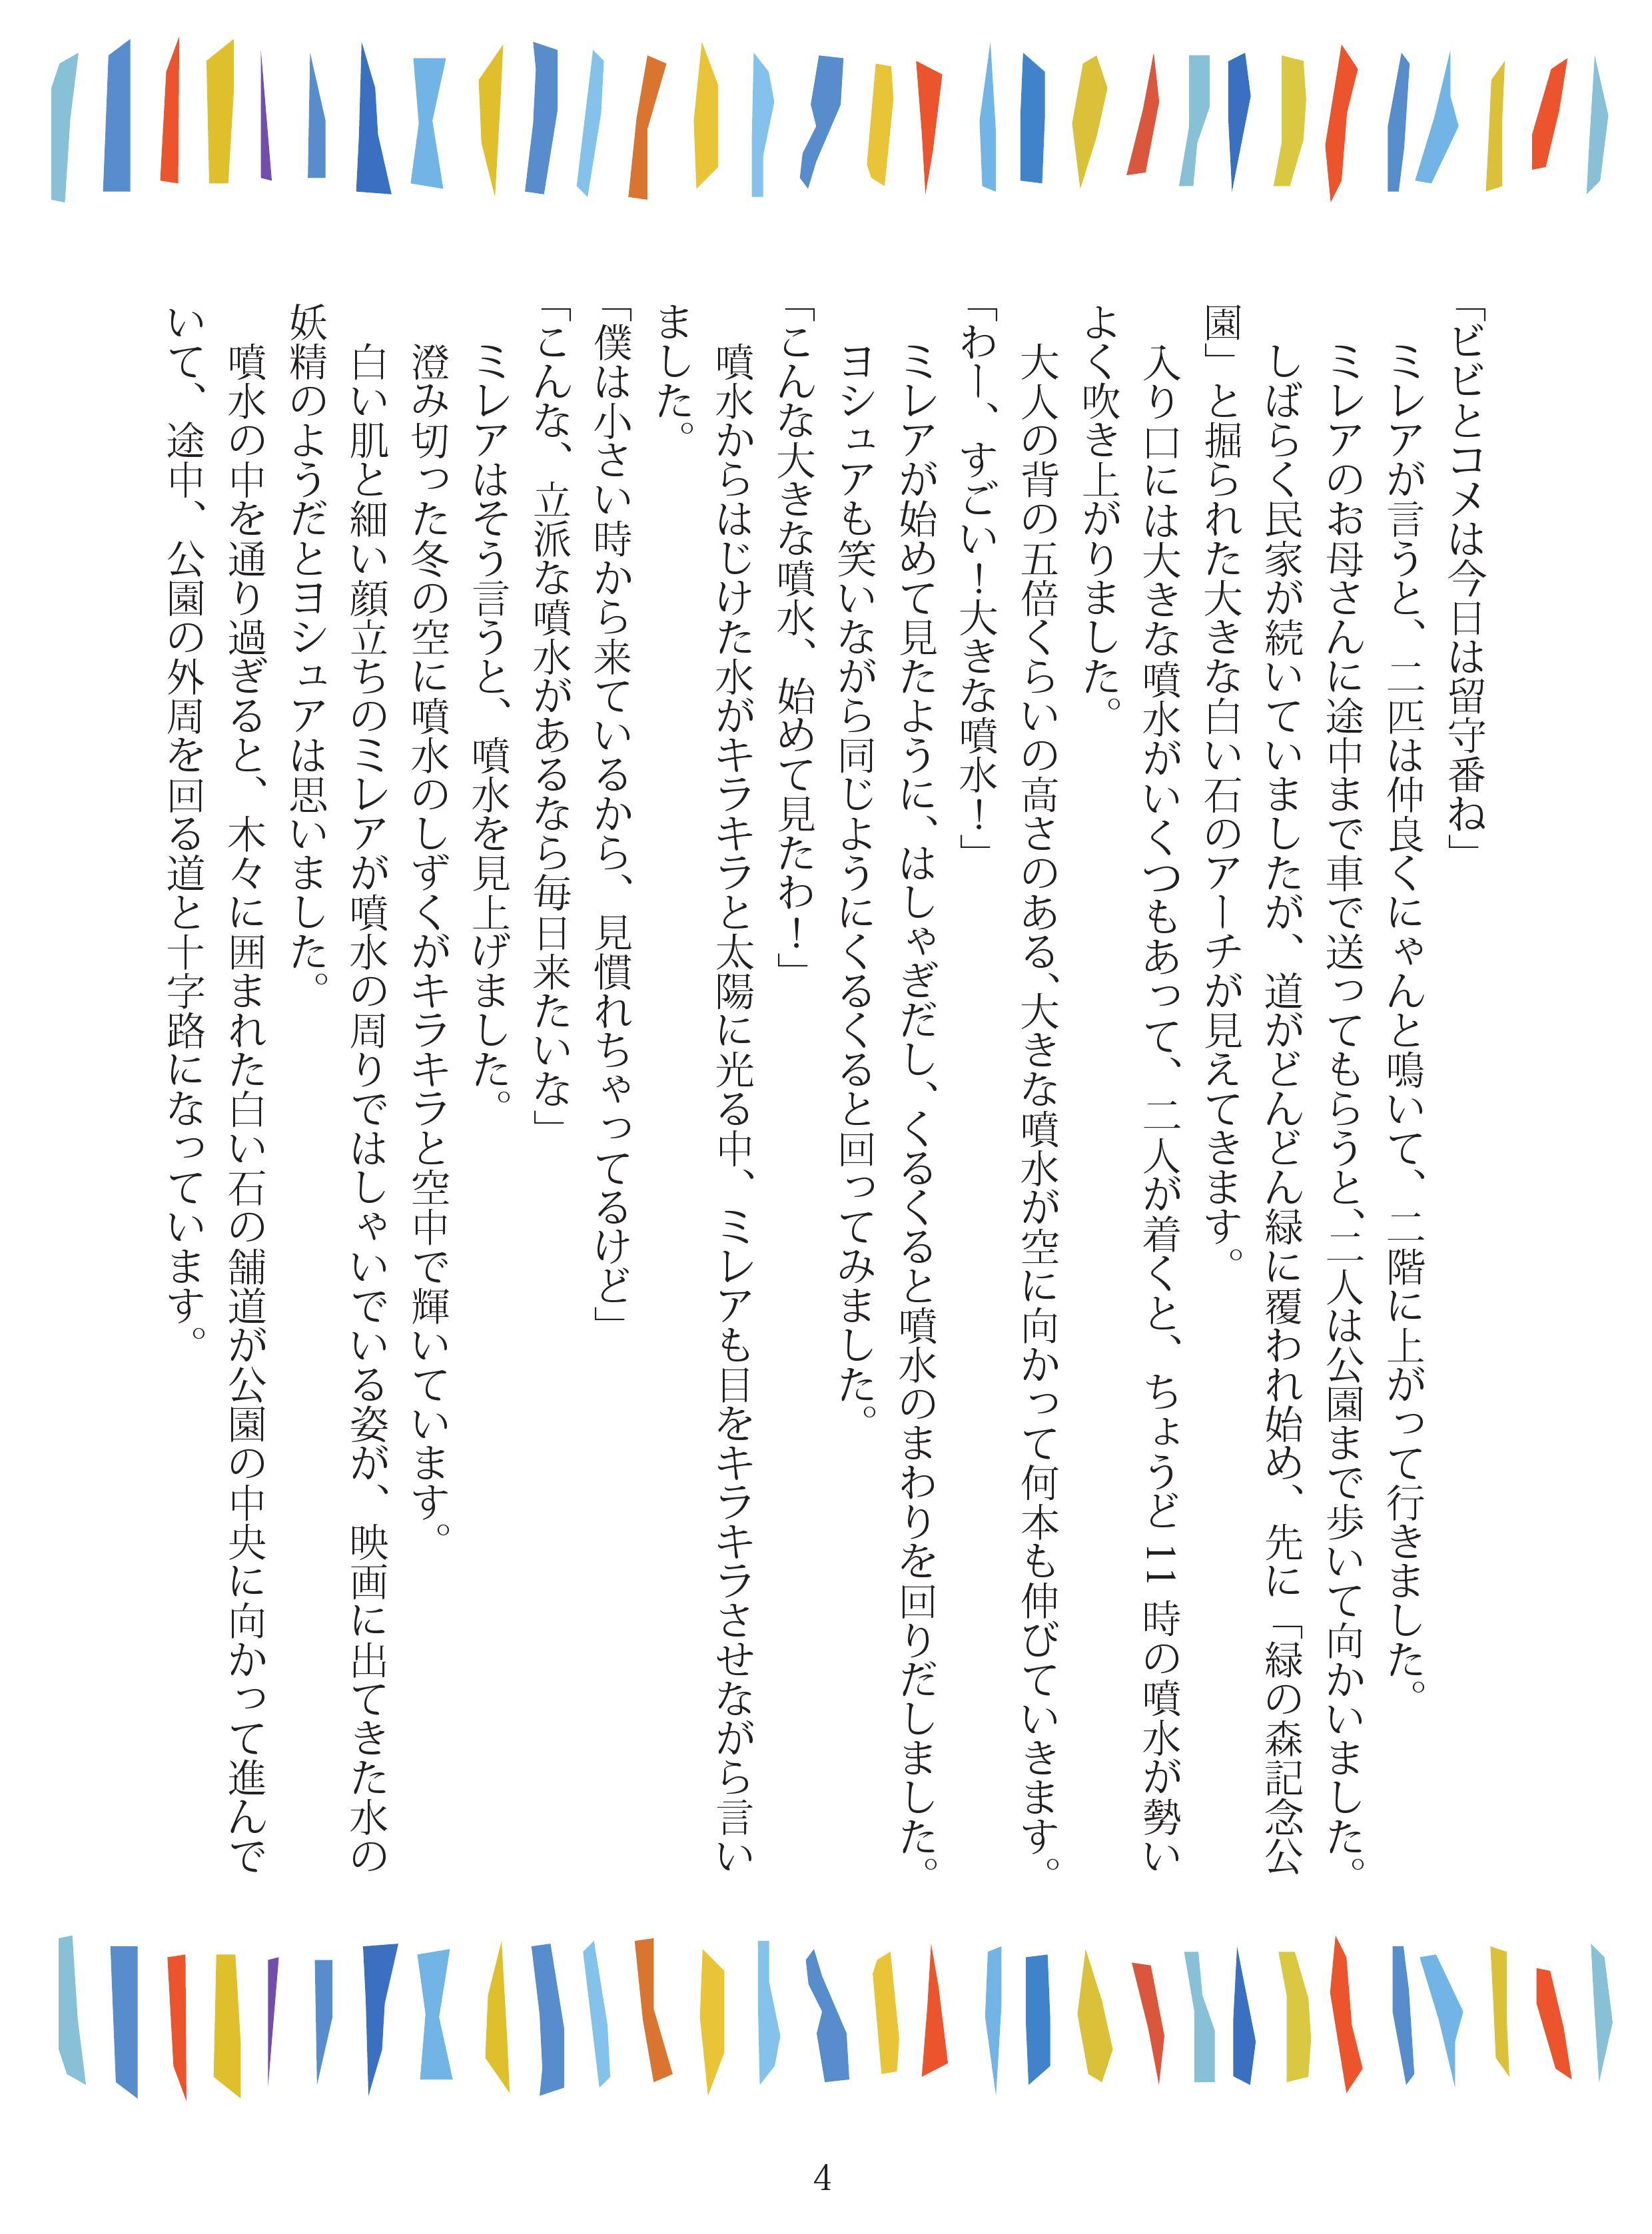 image_005